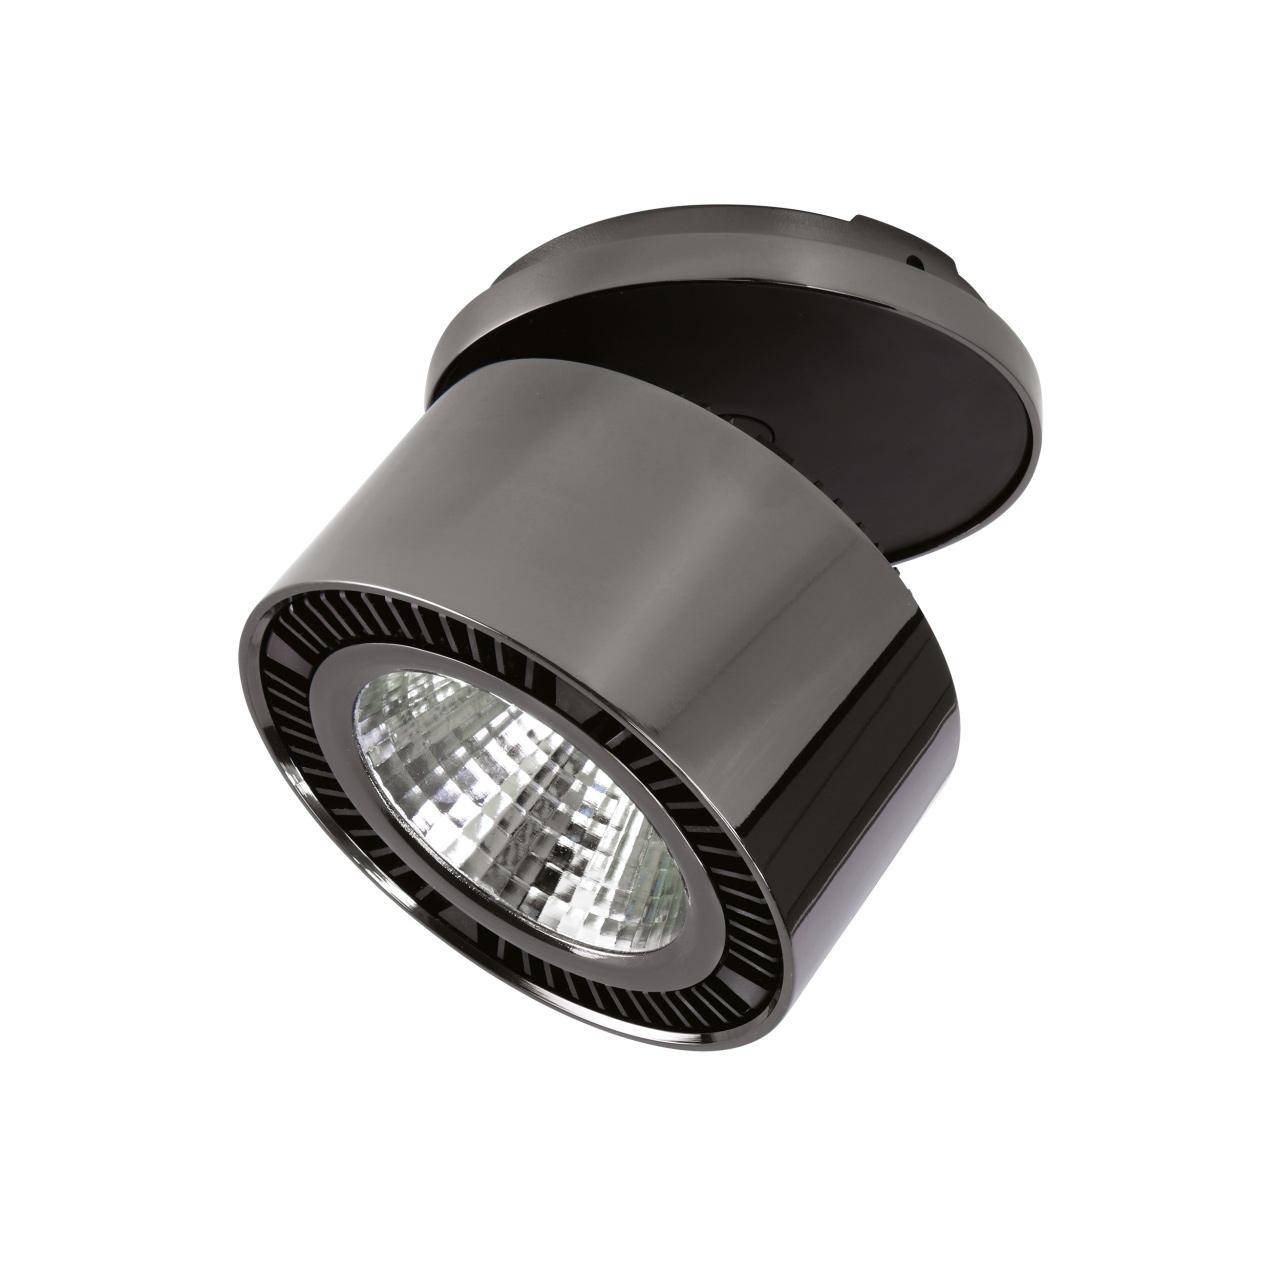 Светильник Forte inca LED 26W 1950LM 30G черный хром 4000K Lightstar 214828